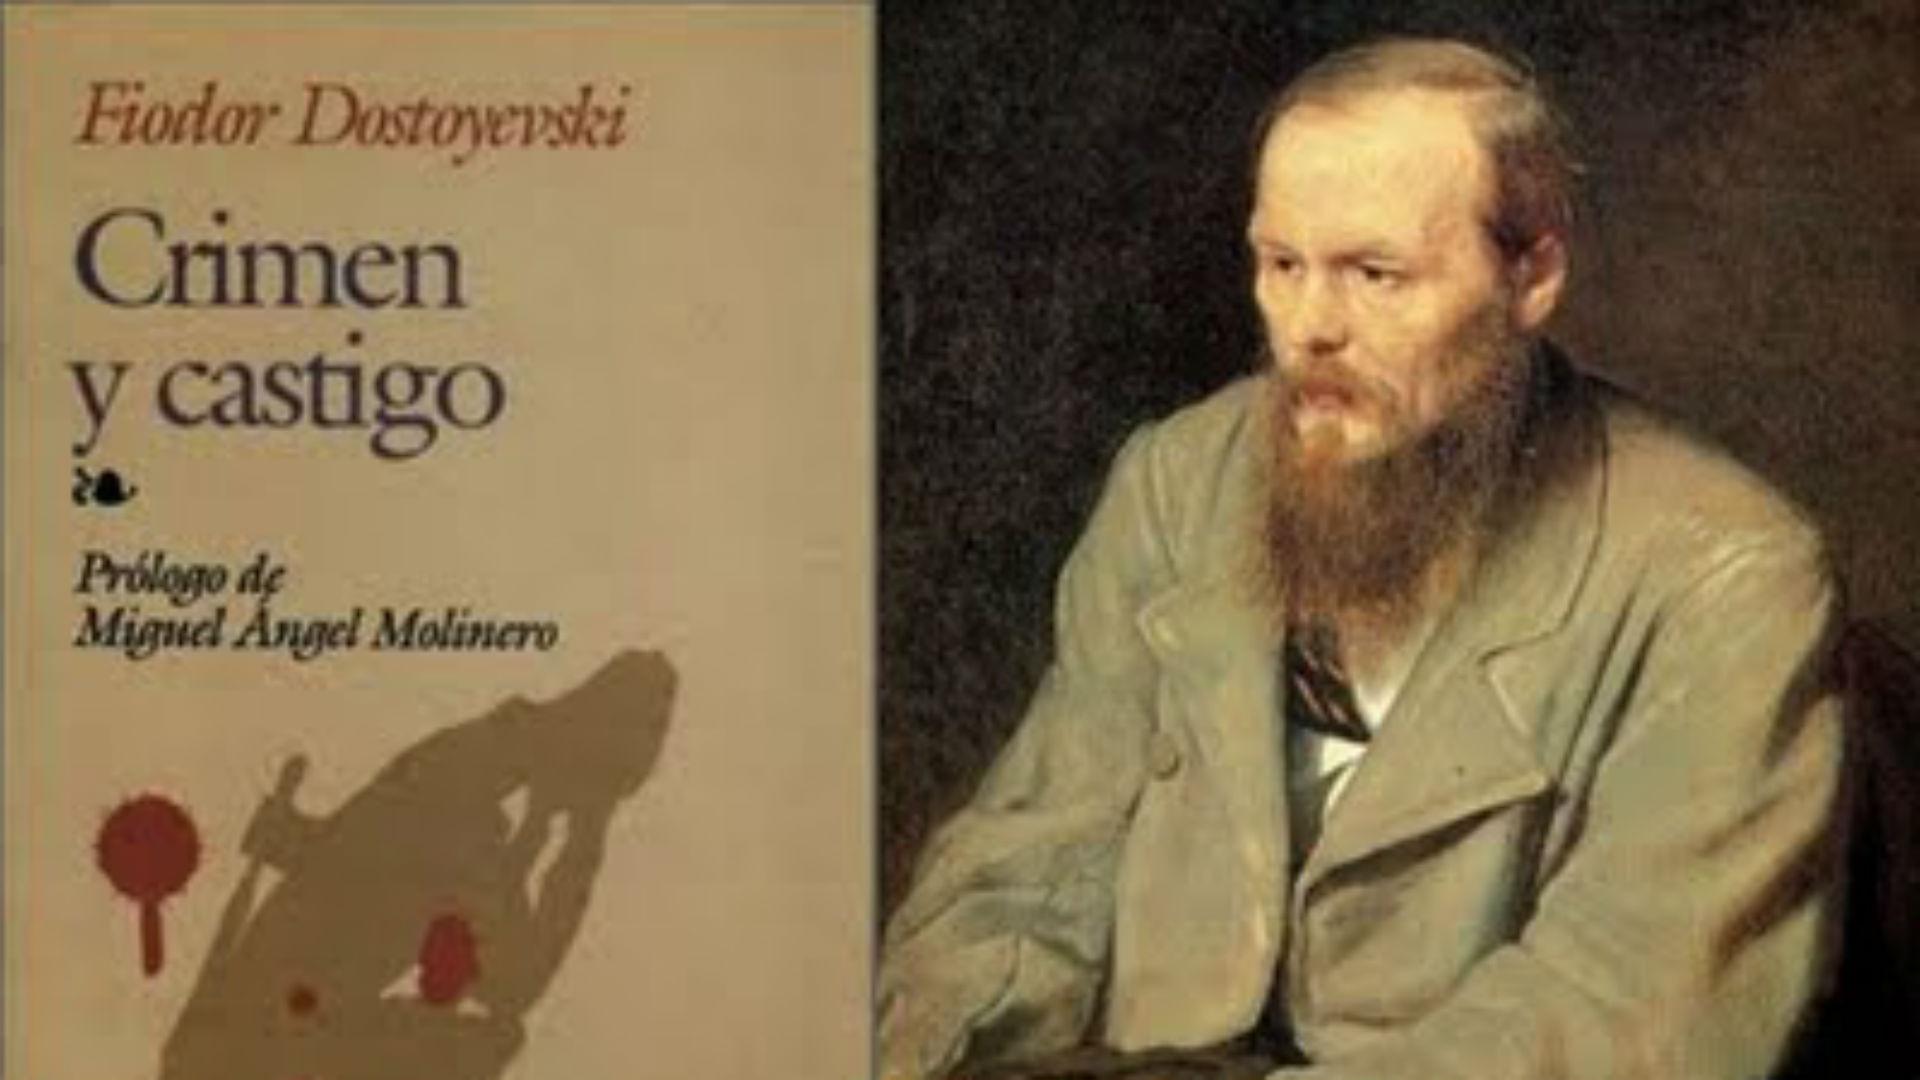 Crimen y castigo Dostoyevski